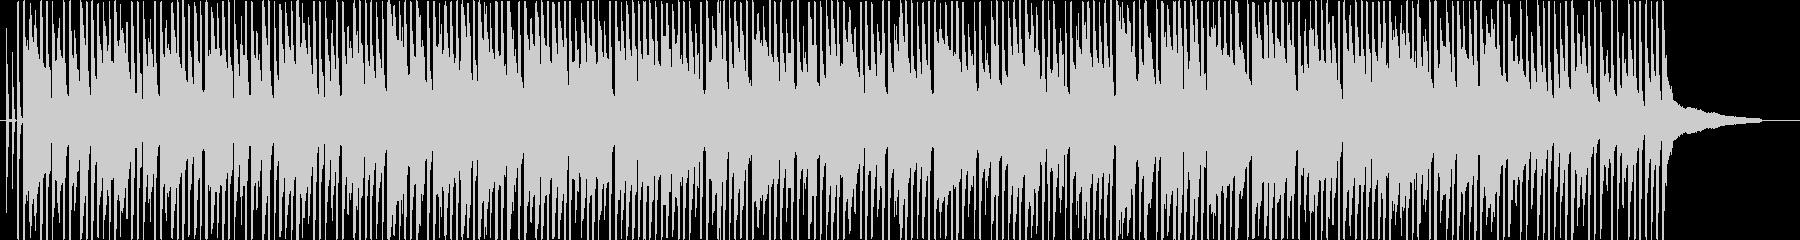 ほのぼのした感じのシンプルな曲です。の未再生の波形